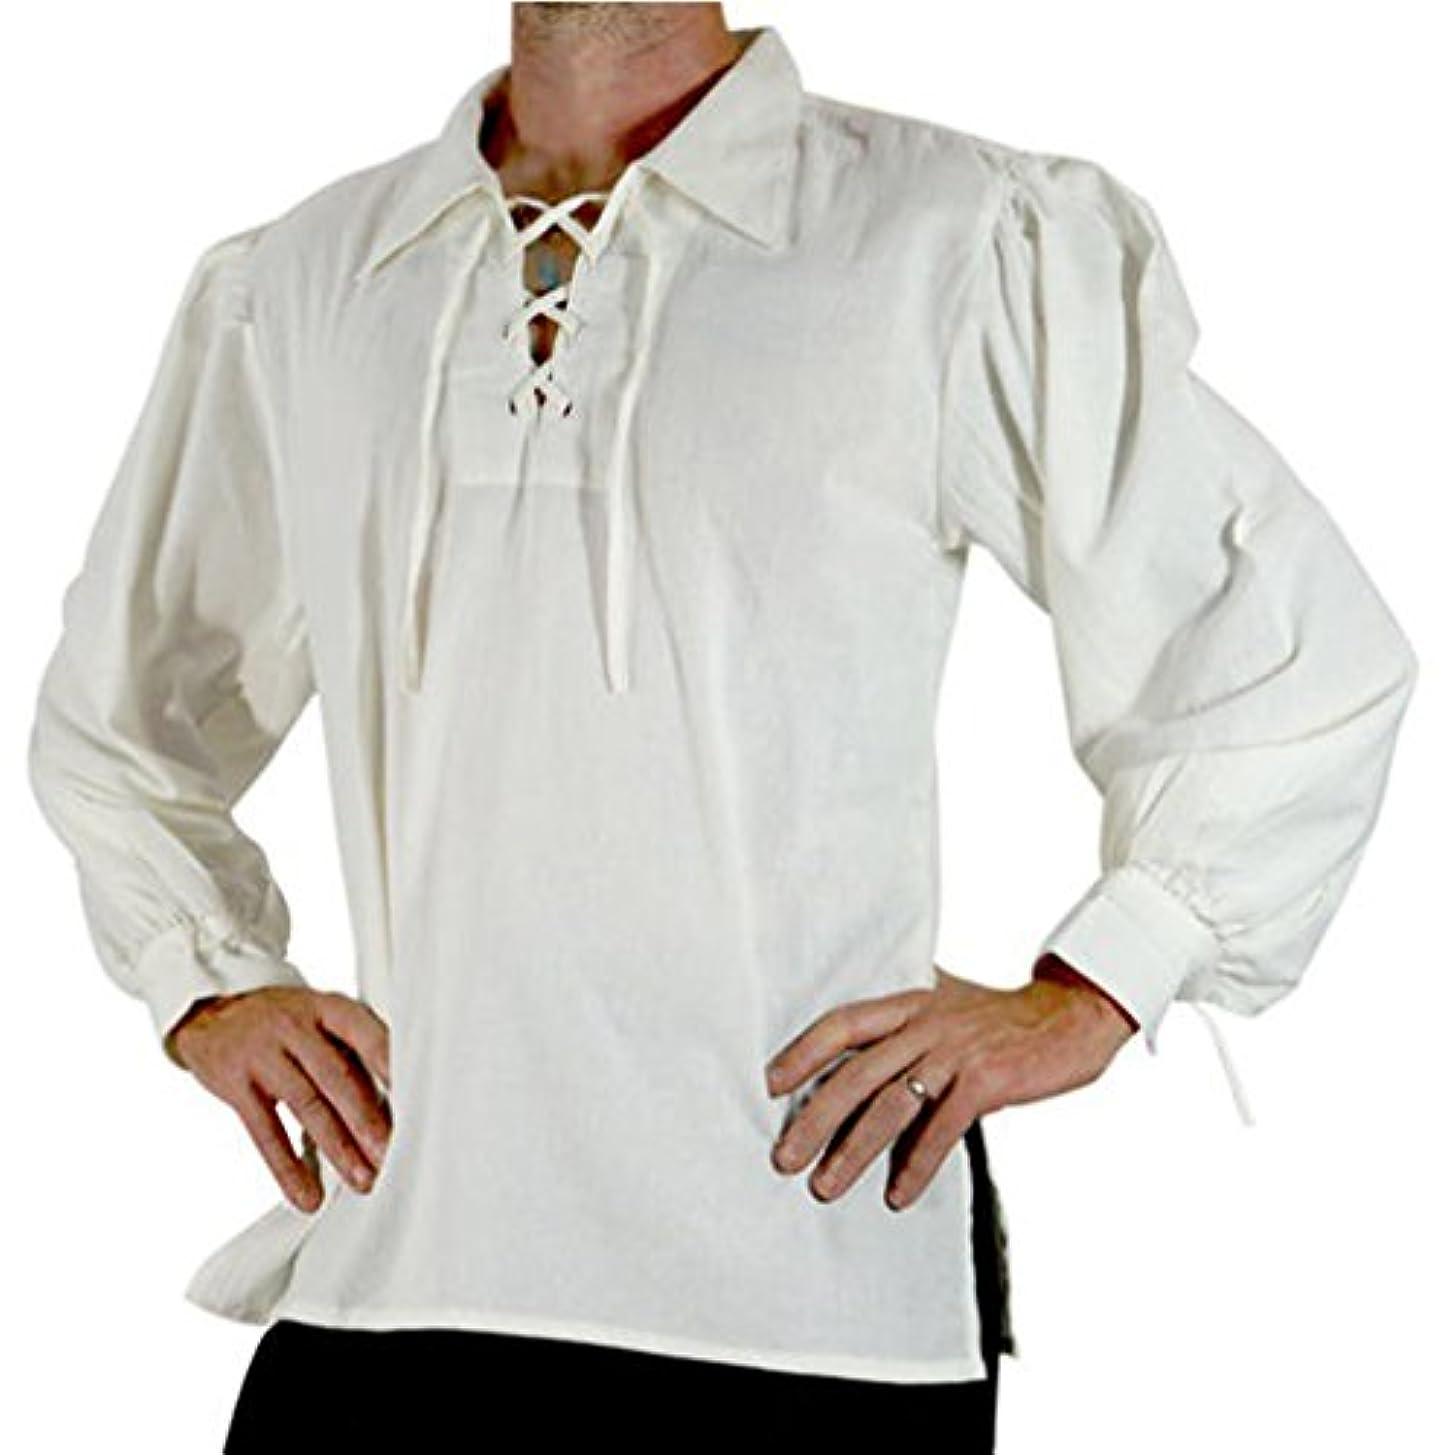 無駄に受け入れ受取人Honel シャツ メンズ レースアプ襟 立襟 中世スタイル衣装 長袖 縛る袖口 レトロ